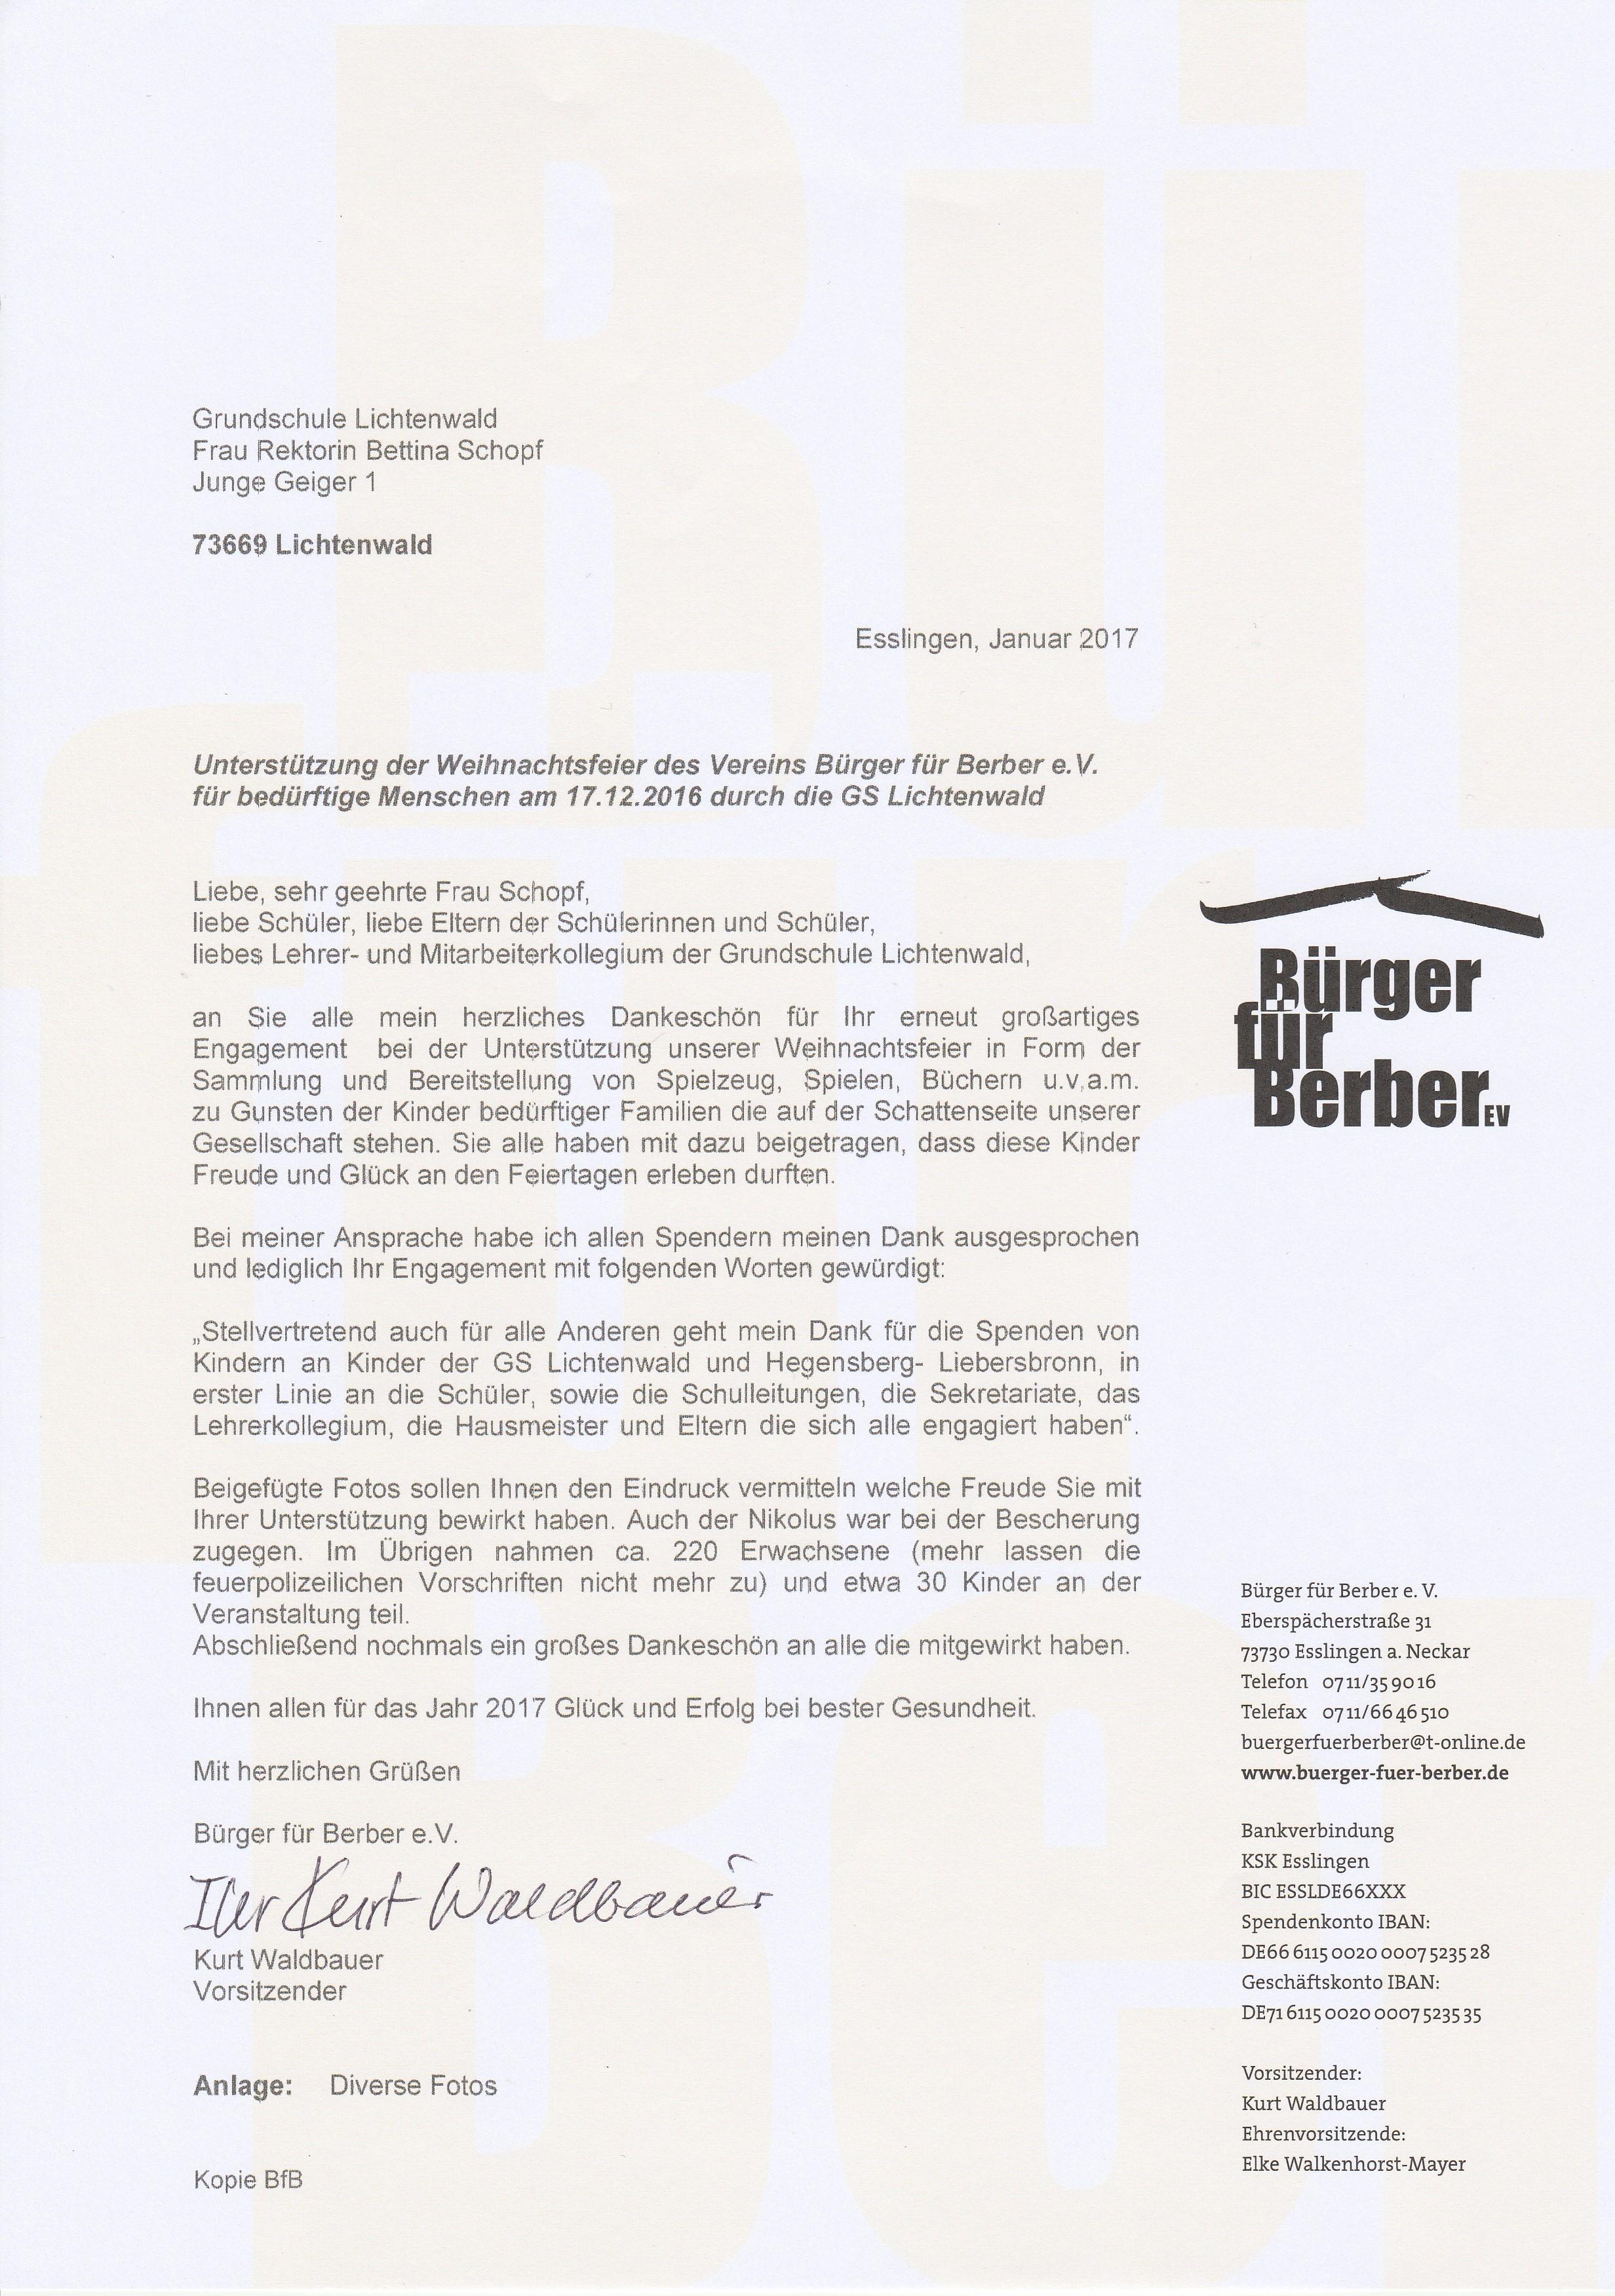 Ansprache Weihnachtsfeier.Weihnachtsfeier Bürger Für Berber E V 2016